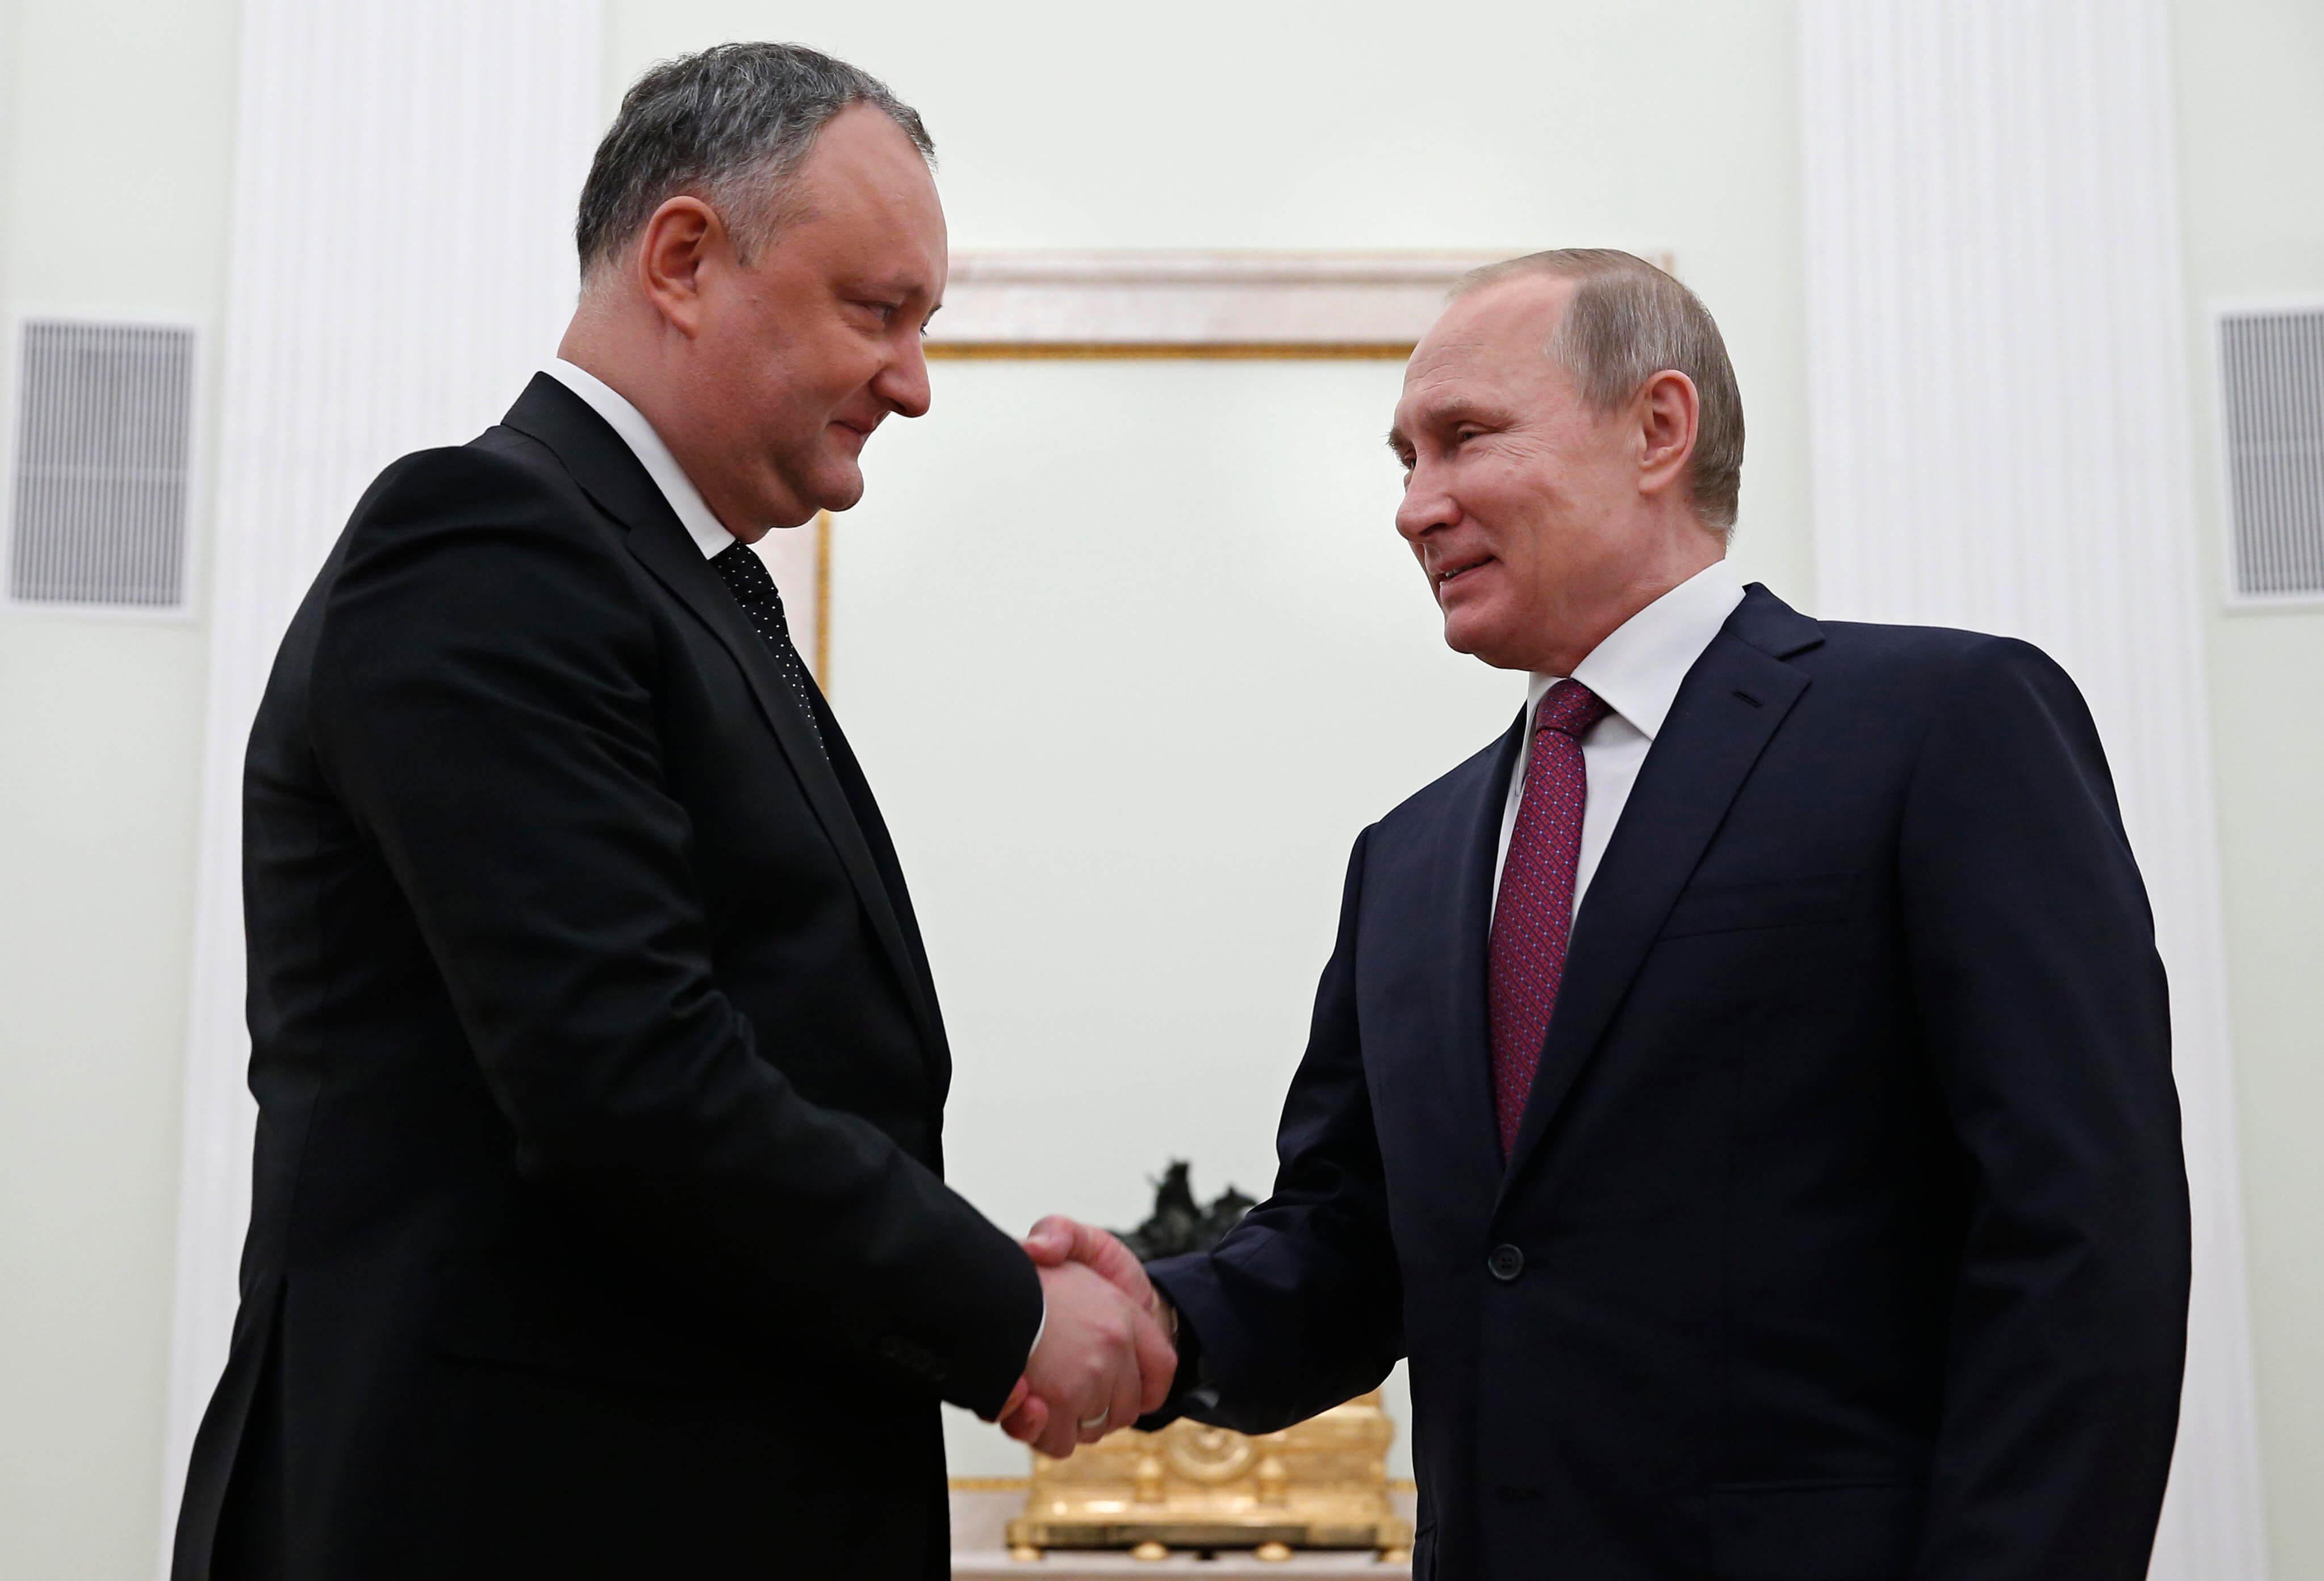 Președintele Republicii Moldova, Igor Dodon, se mândrește cu relațiile apropiate pe care le are cu omologul rus Vladimir Putin